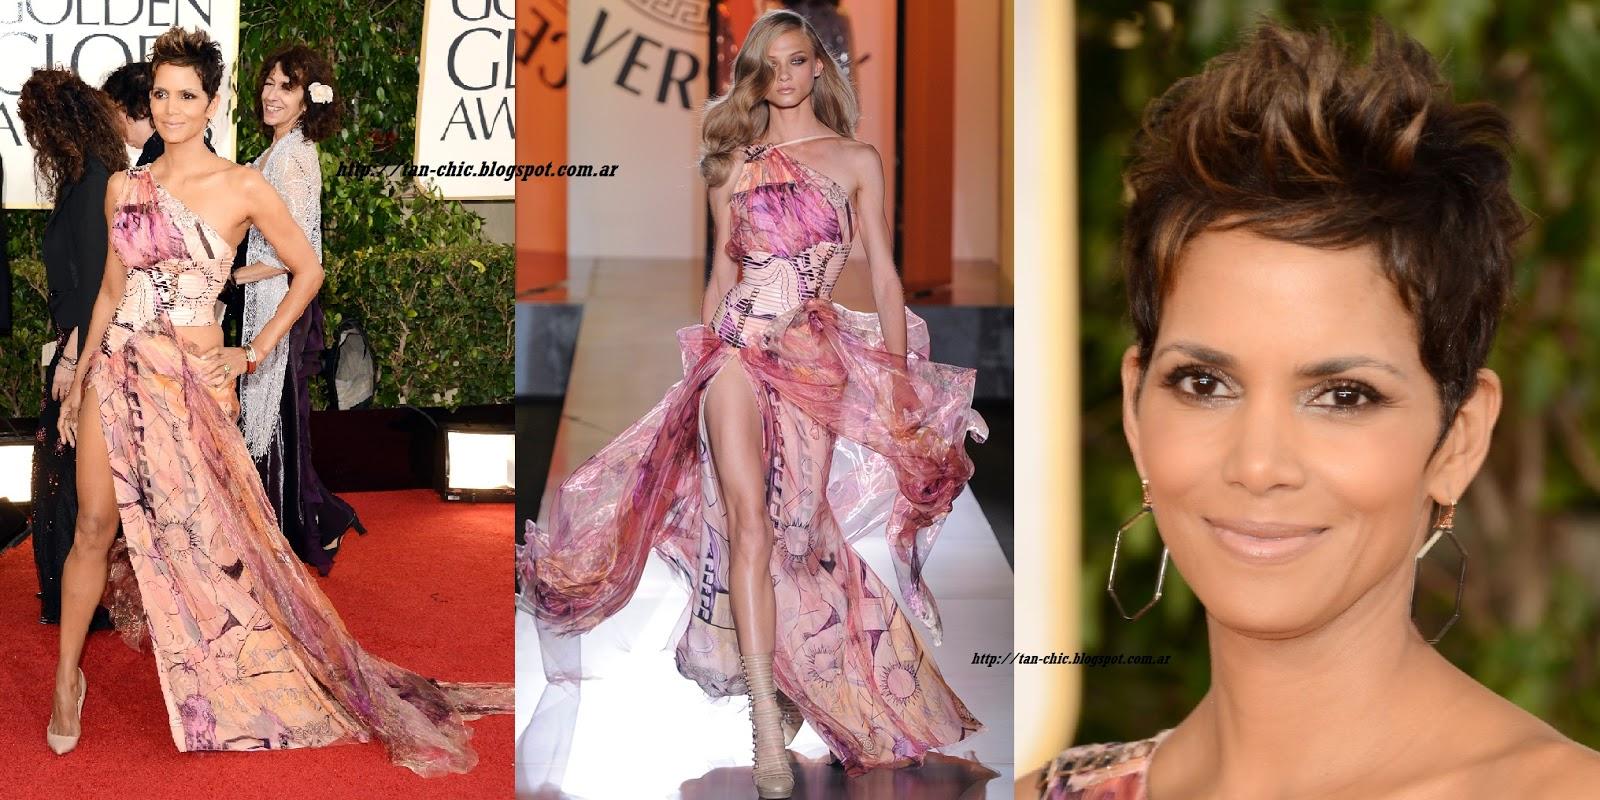 http://2.bp.blogspot.com/-DcK1QpQK3pM/UPTq16miukI/AAAAAAAAArk/SIWMU6c-OOc/s1600/Halle-Berry-pink-Dress-2013-Golden-Globes-Awards-Versace-Atelier.jpg